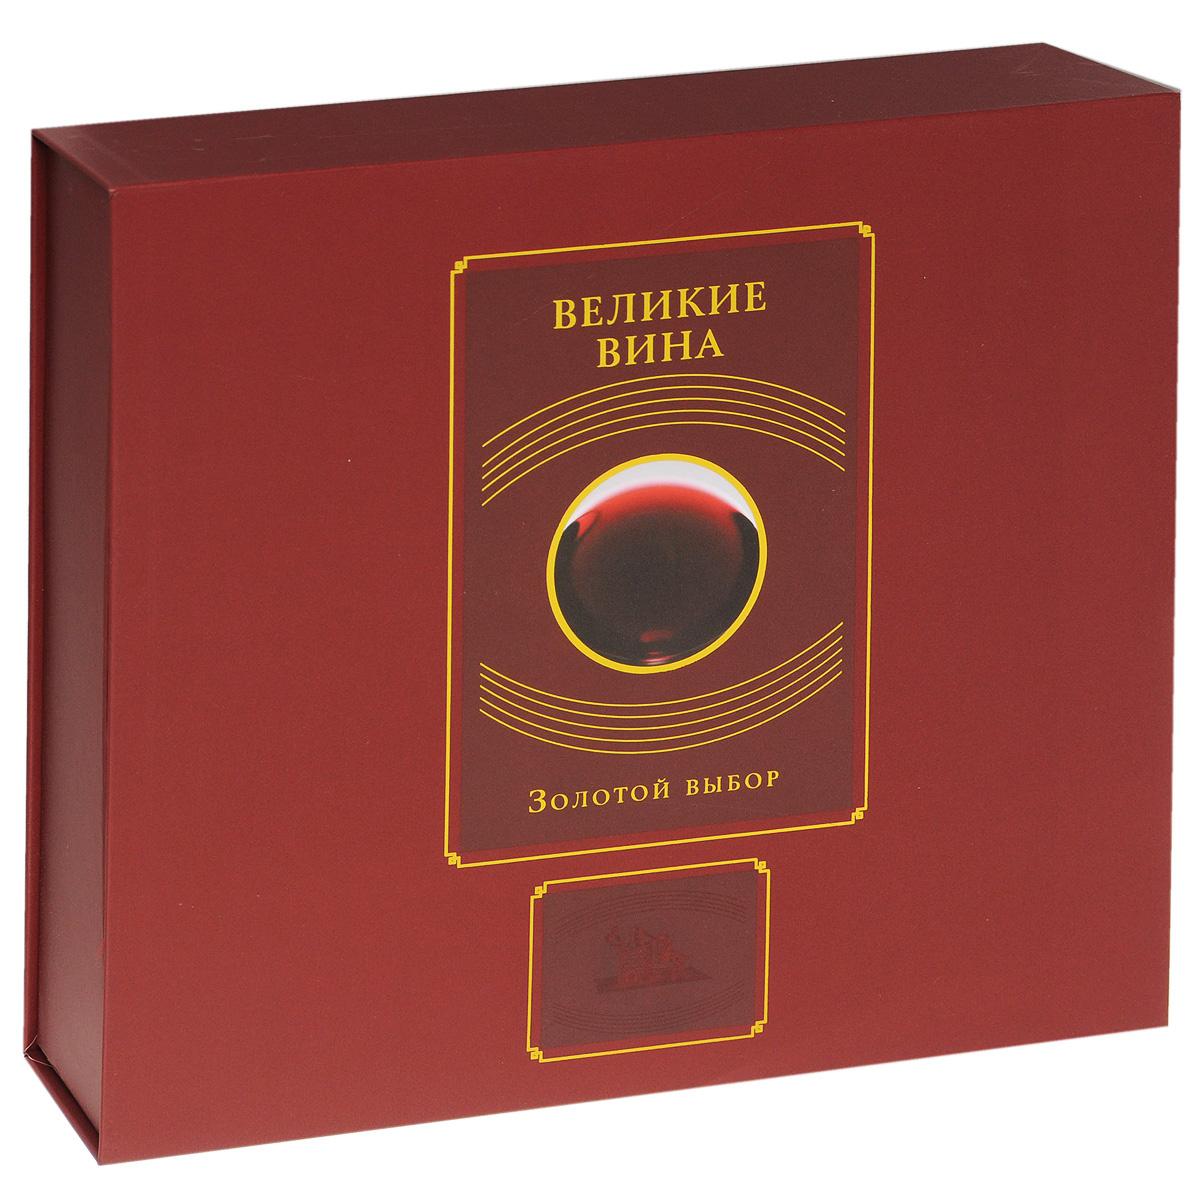 Великие вина. Золотой выбор  (подарочный набор) #1